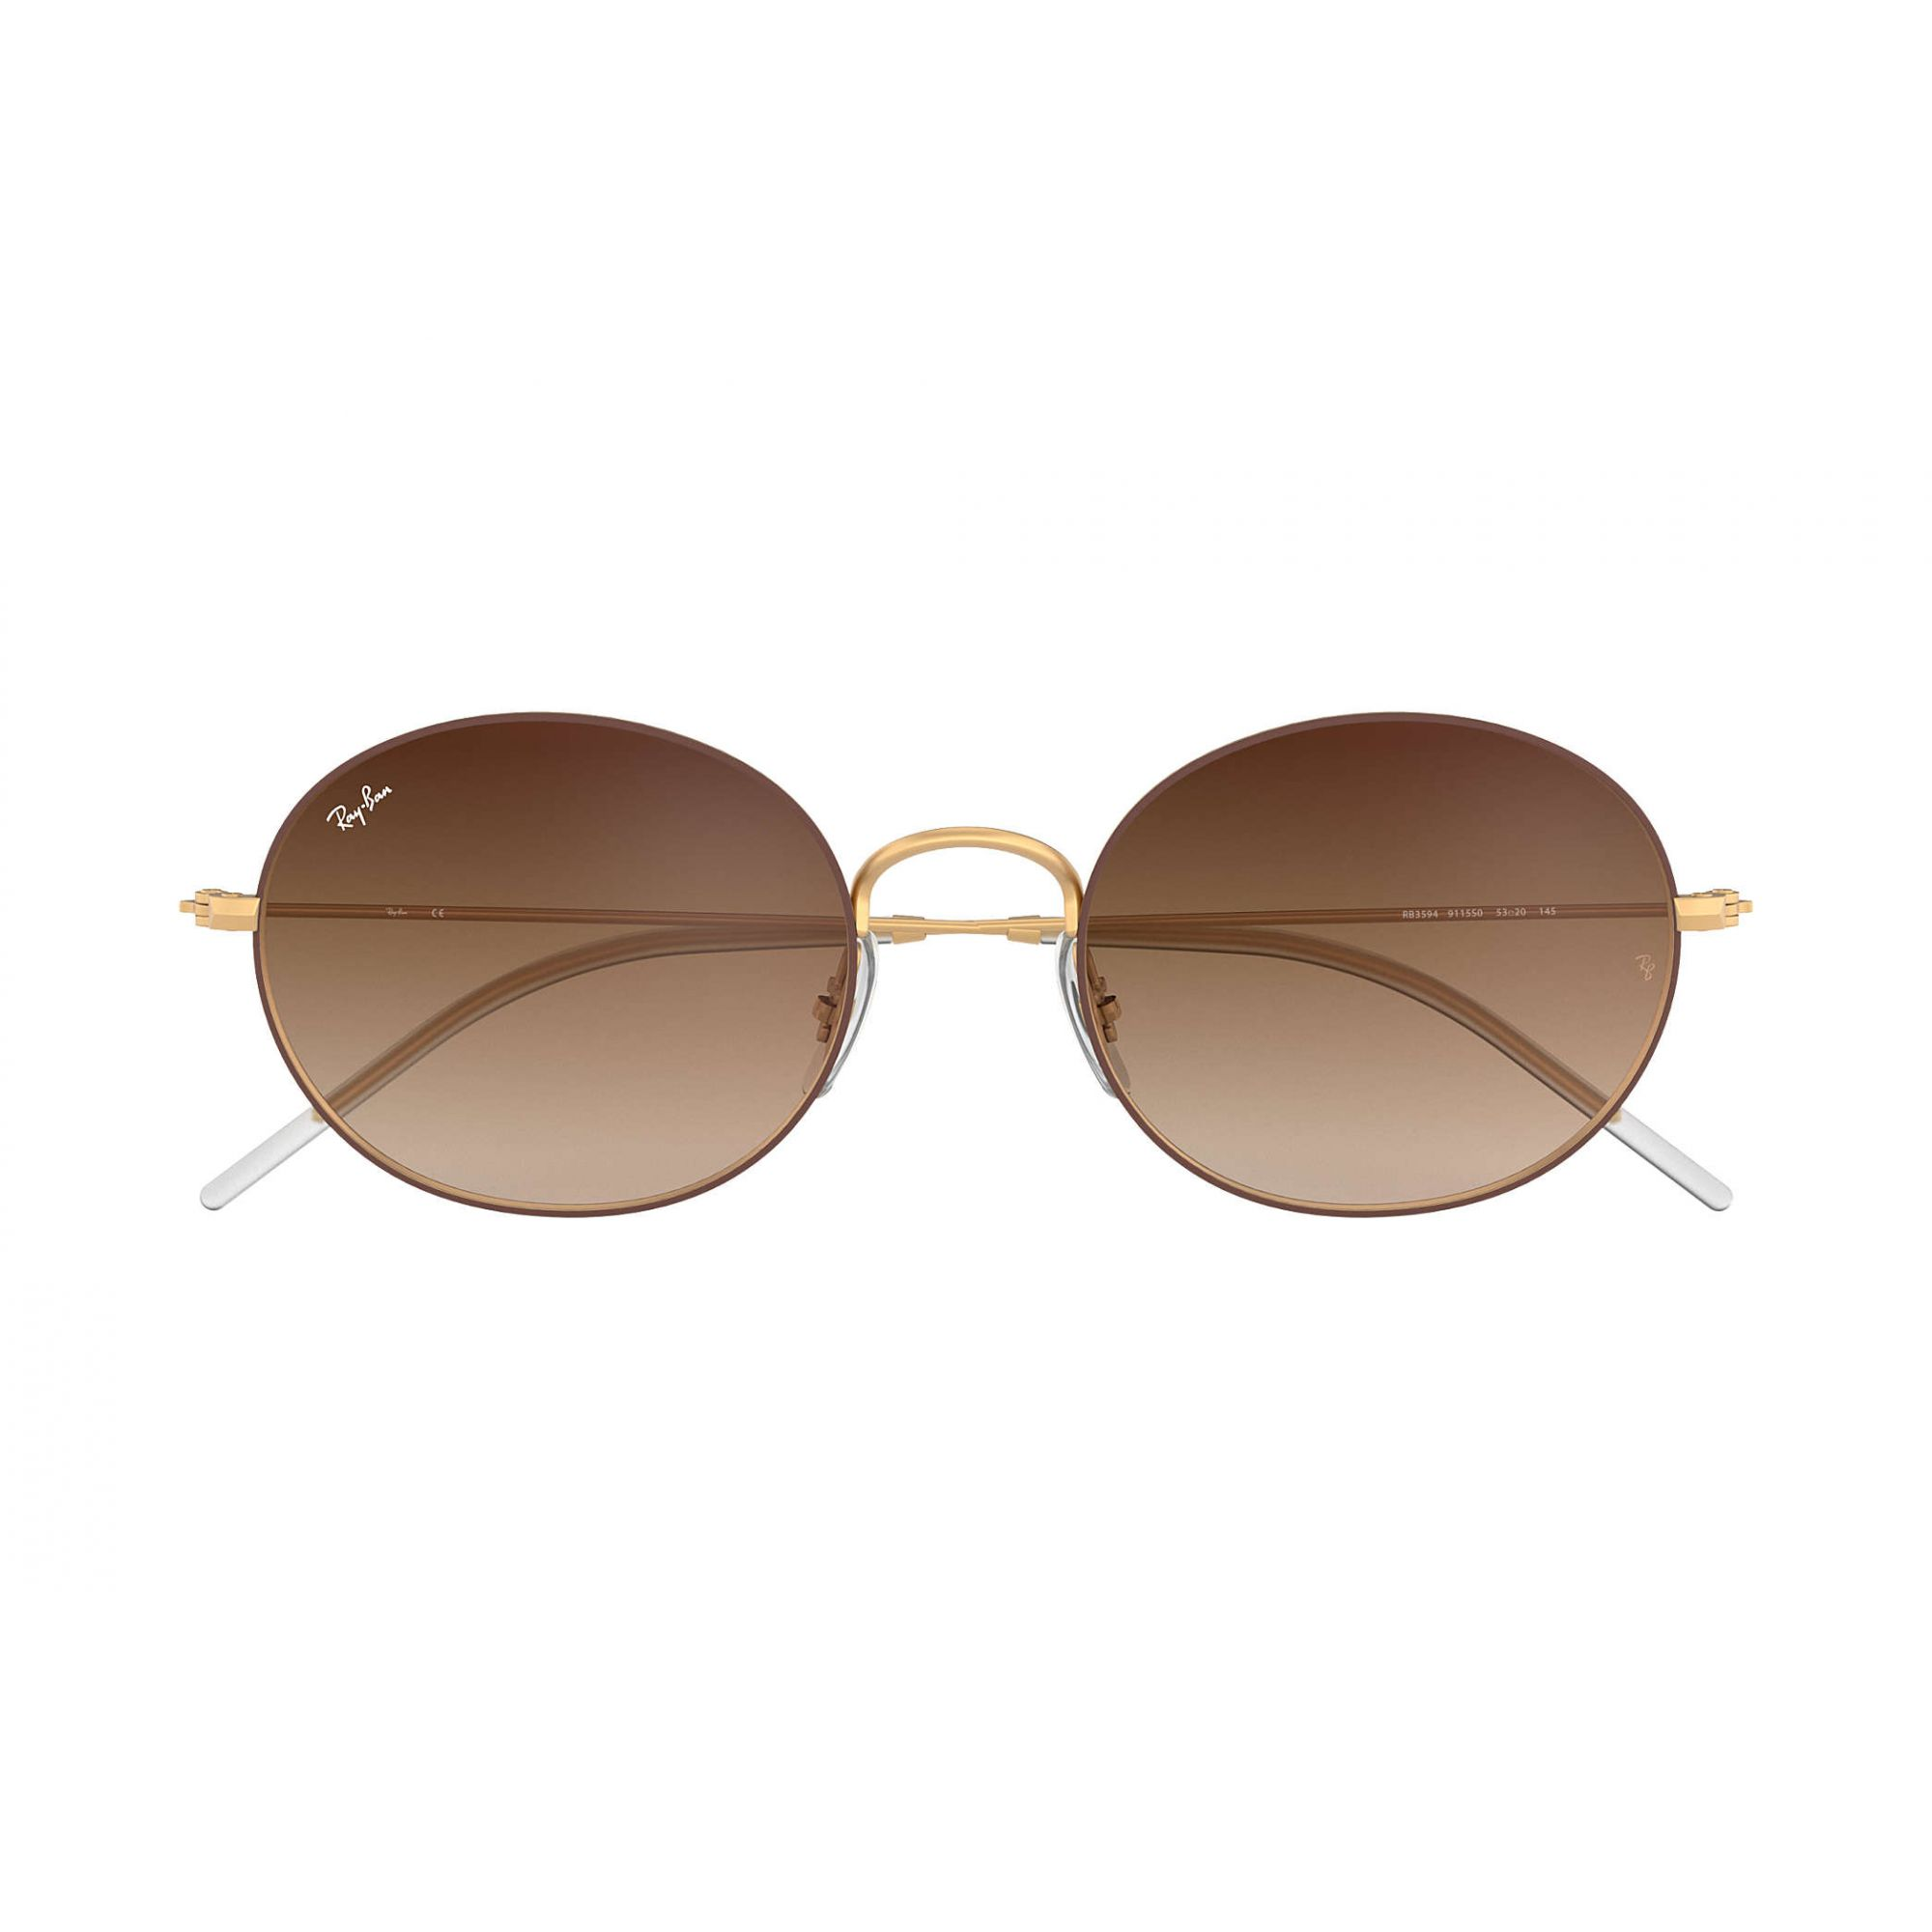 Ray Ban - RB3594 9115S053 -  Óculos de sol